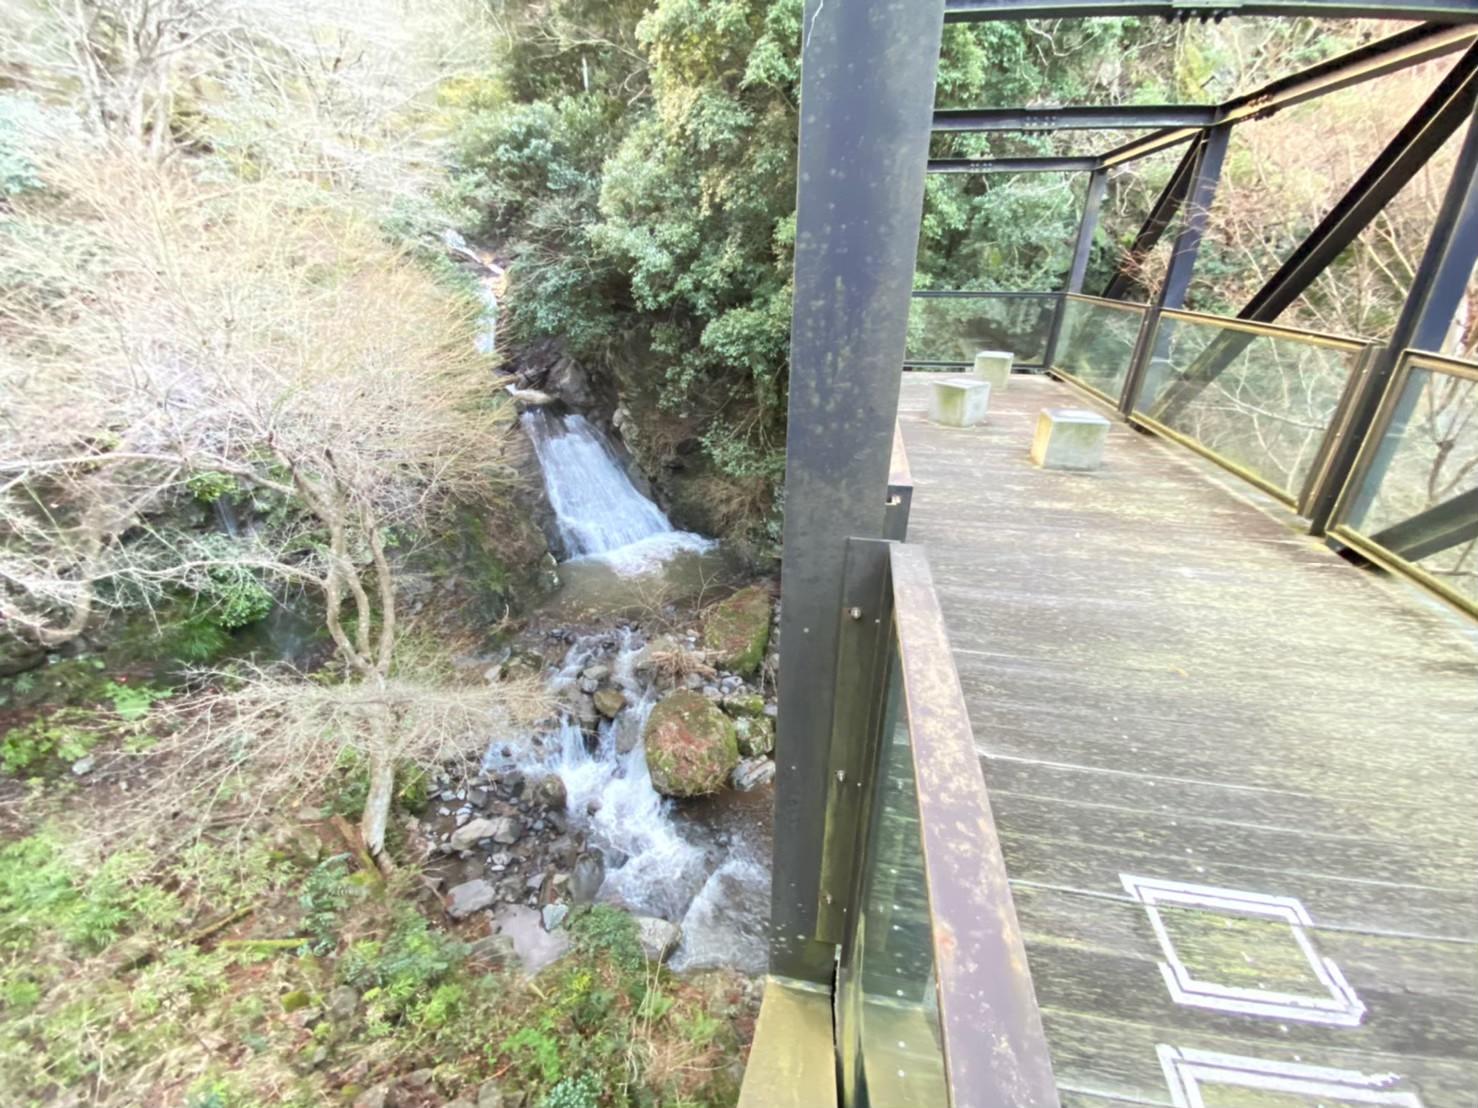 【海、山、川が楽しめる!静岡】『はかま滝オートキャンプ場』のキャンプ場情報